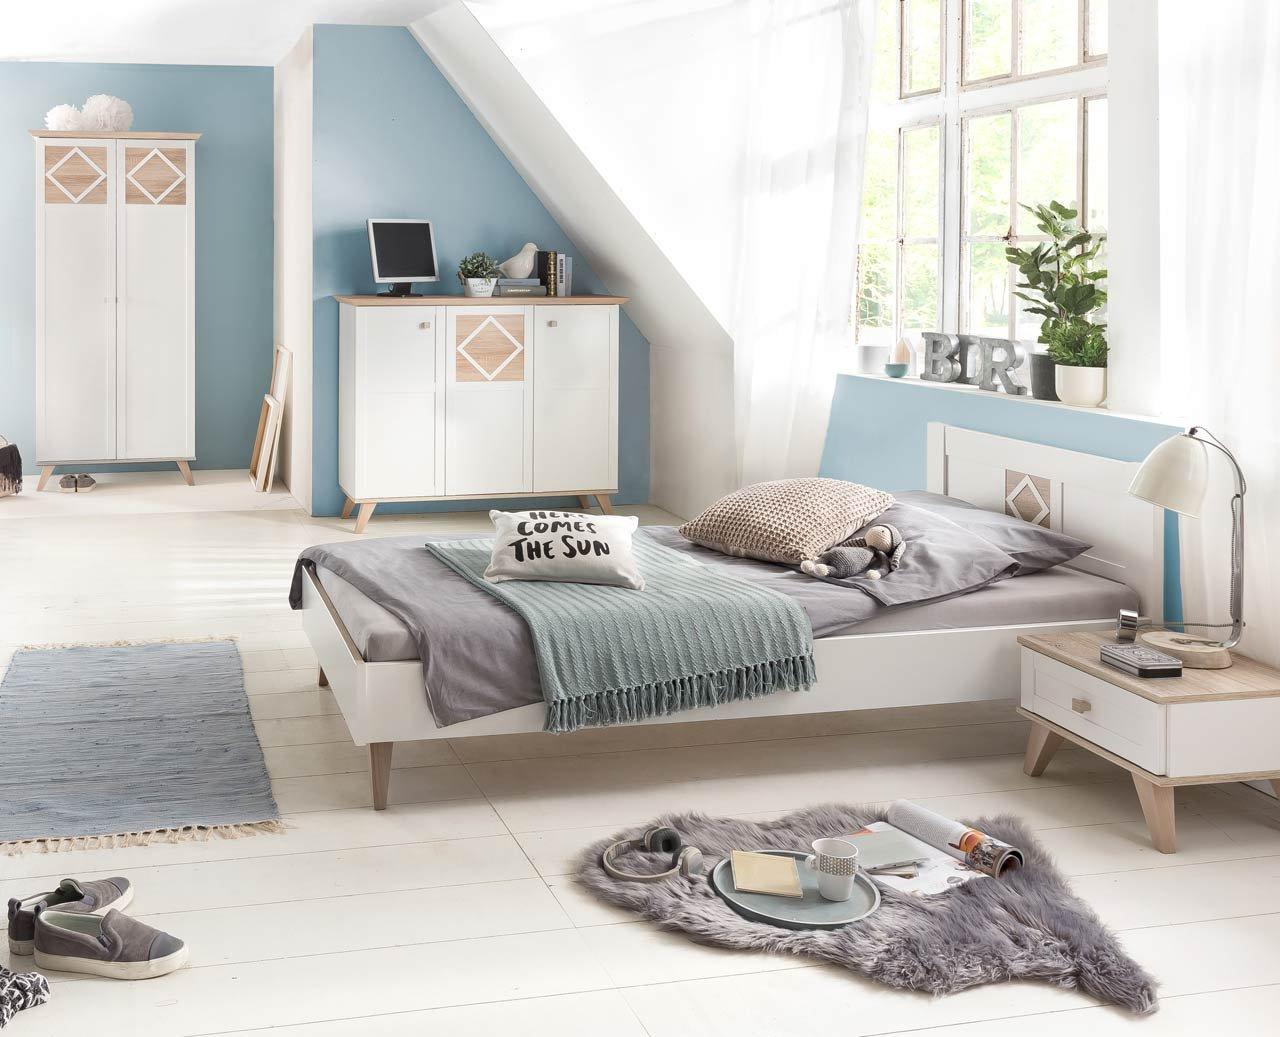 lifestyle4living Jugendzimmer, komplett-Set, Jungen, Mädchen, Jugendzimmermöbel, Kinderzimmer, Eiche sägerau-Nachbildung, alpinweiß, 2-türig, Drehtürenschrank,